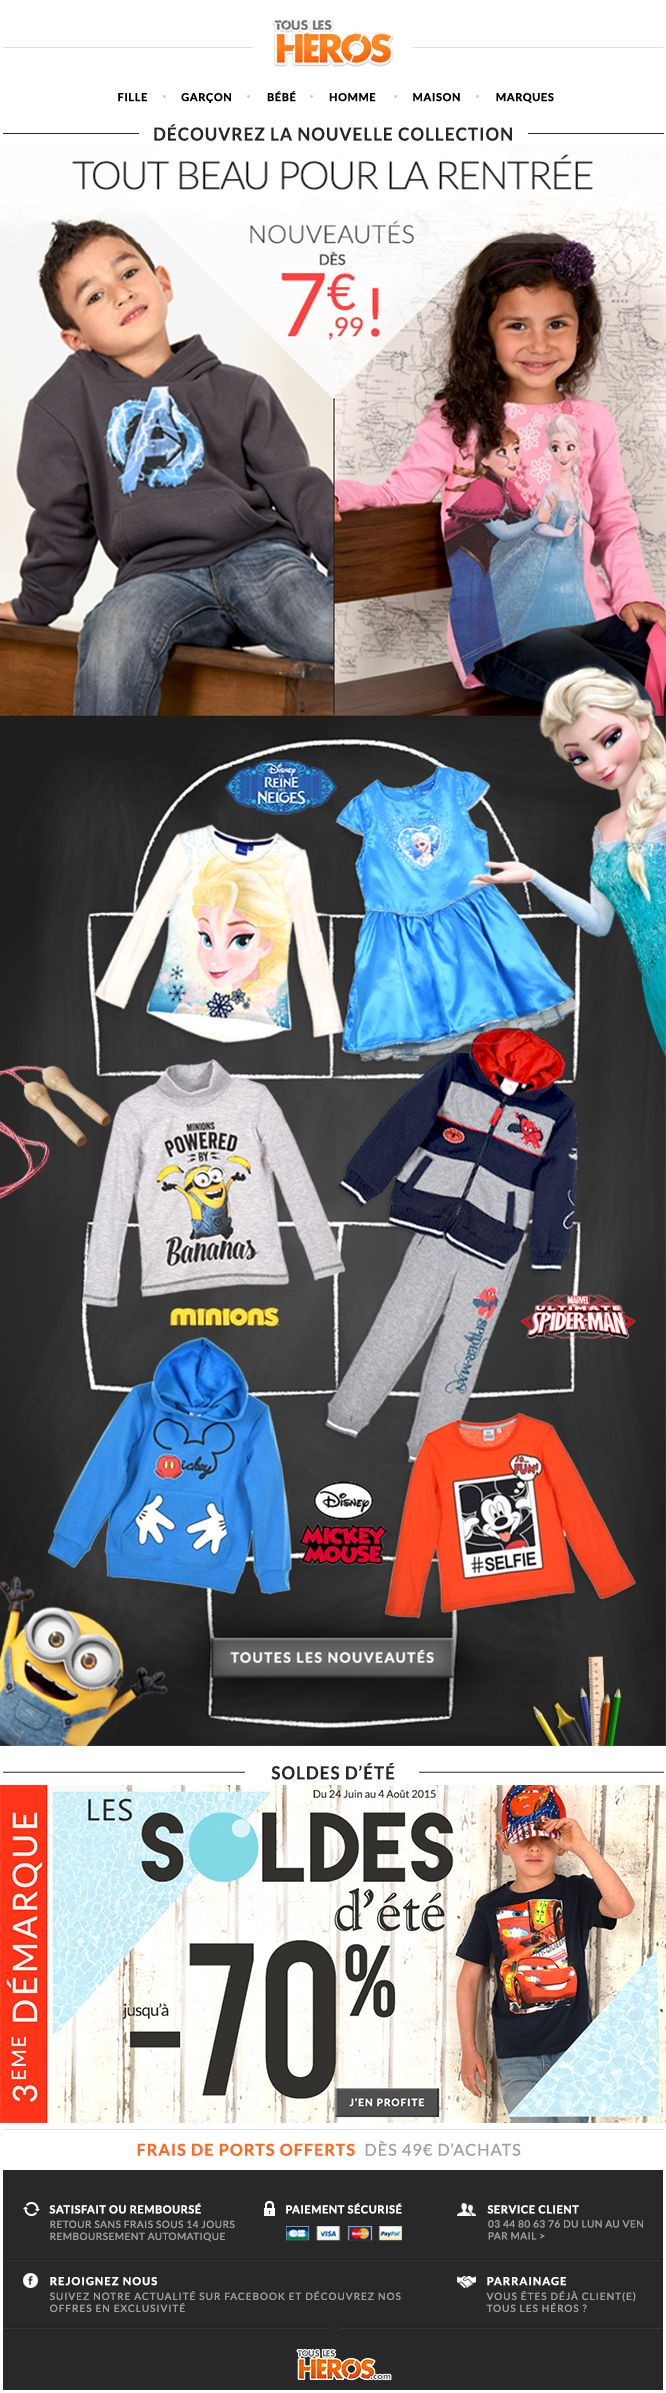 Découvrez notre nouvelle #collection spéciale #rentréedesclasses sur www.tous-les-heros.com #mode #enfants #modeenfants #modeàpetitprix #touslesheros #superheros #heros #lesminions #minions #disney #rentrée